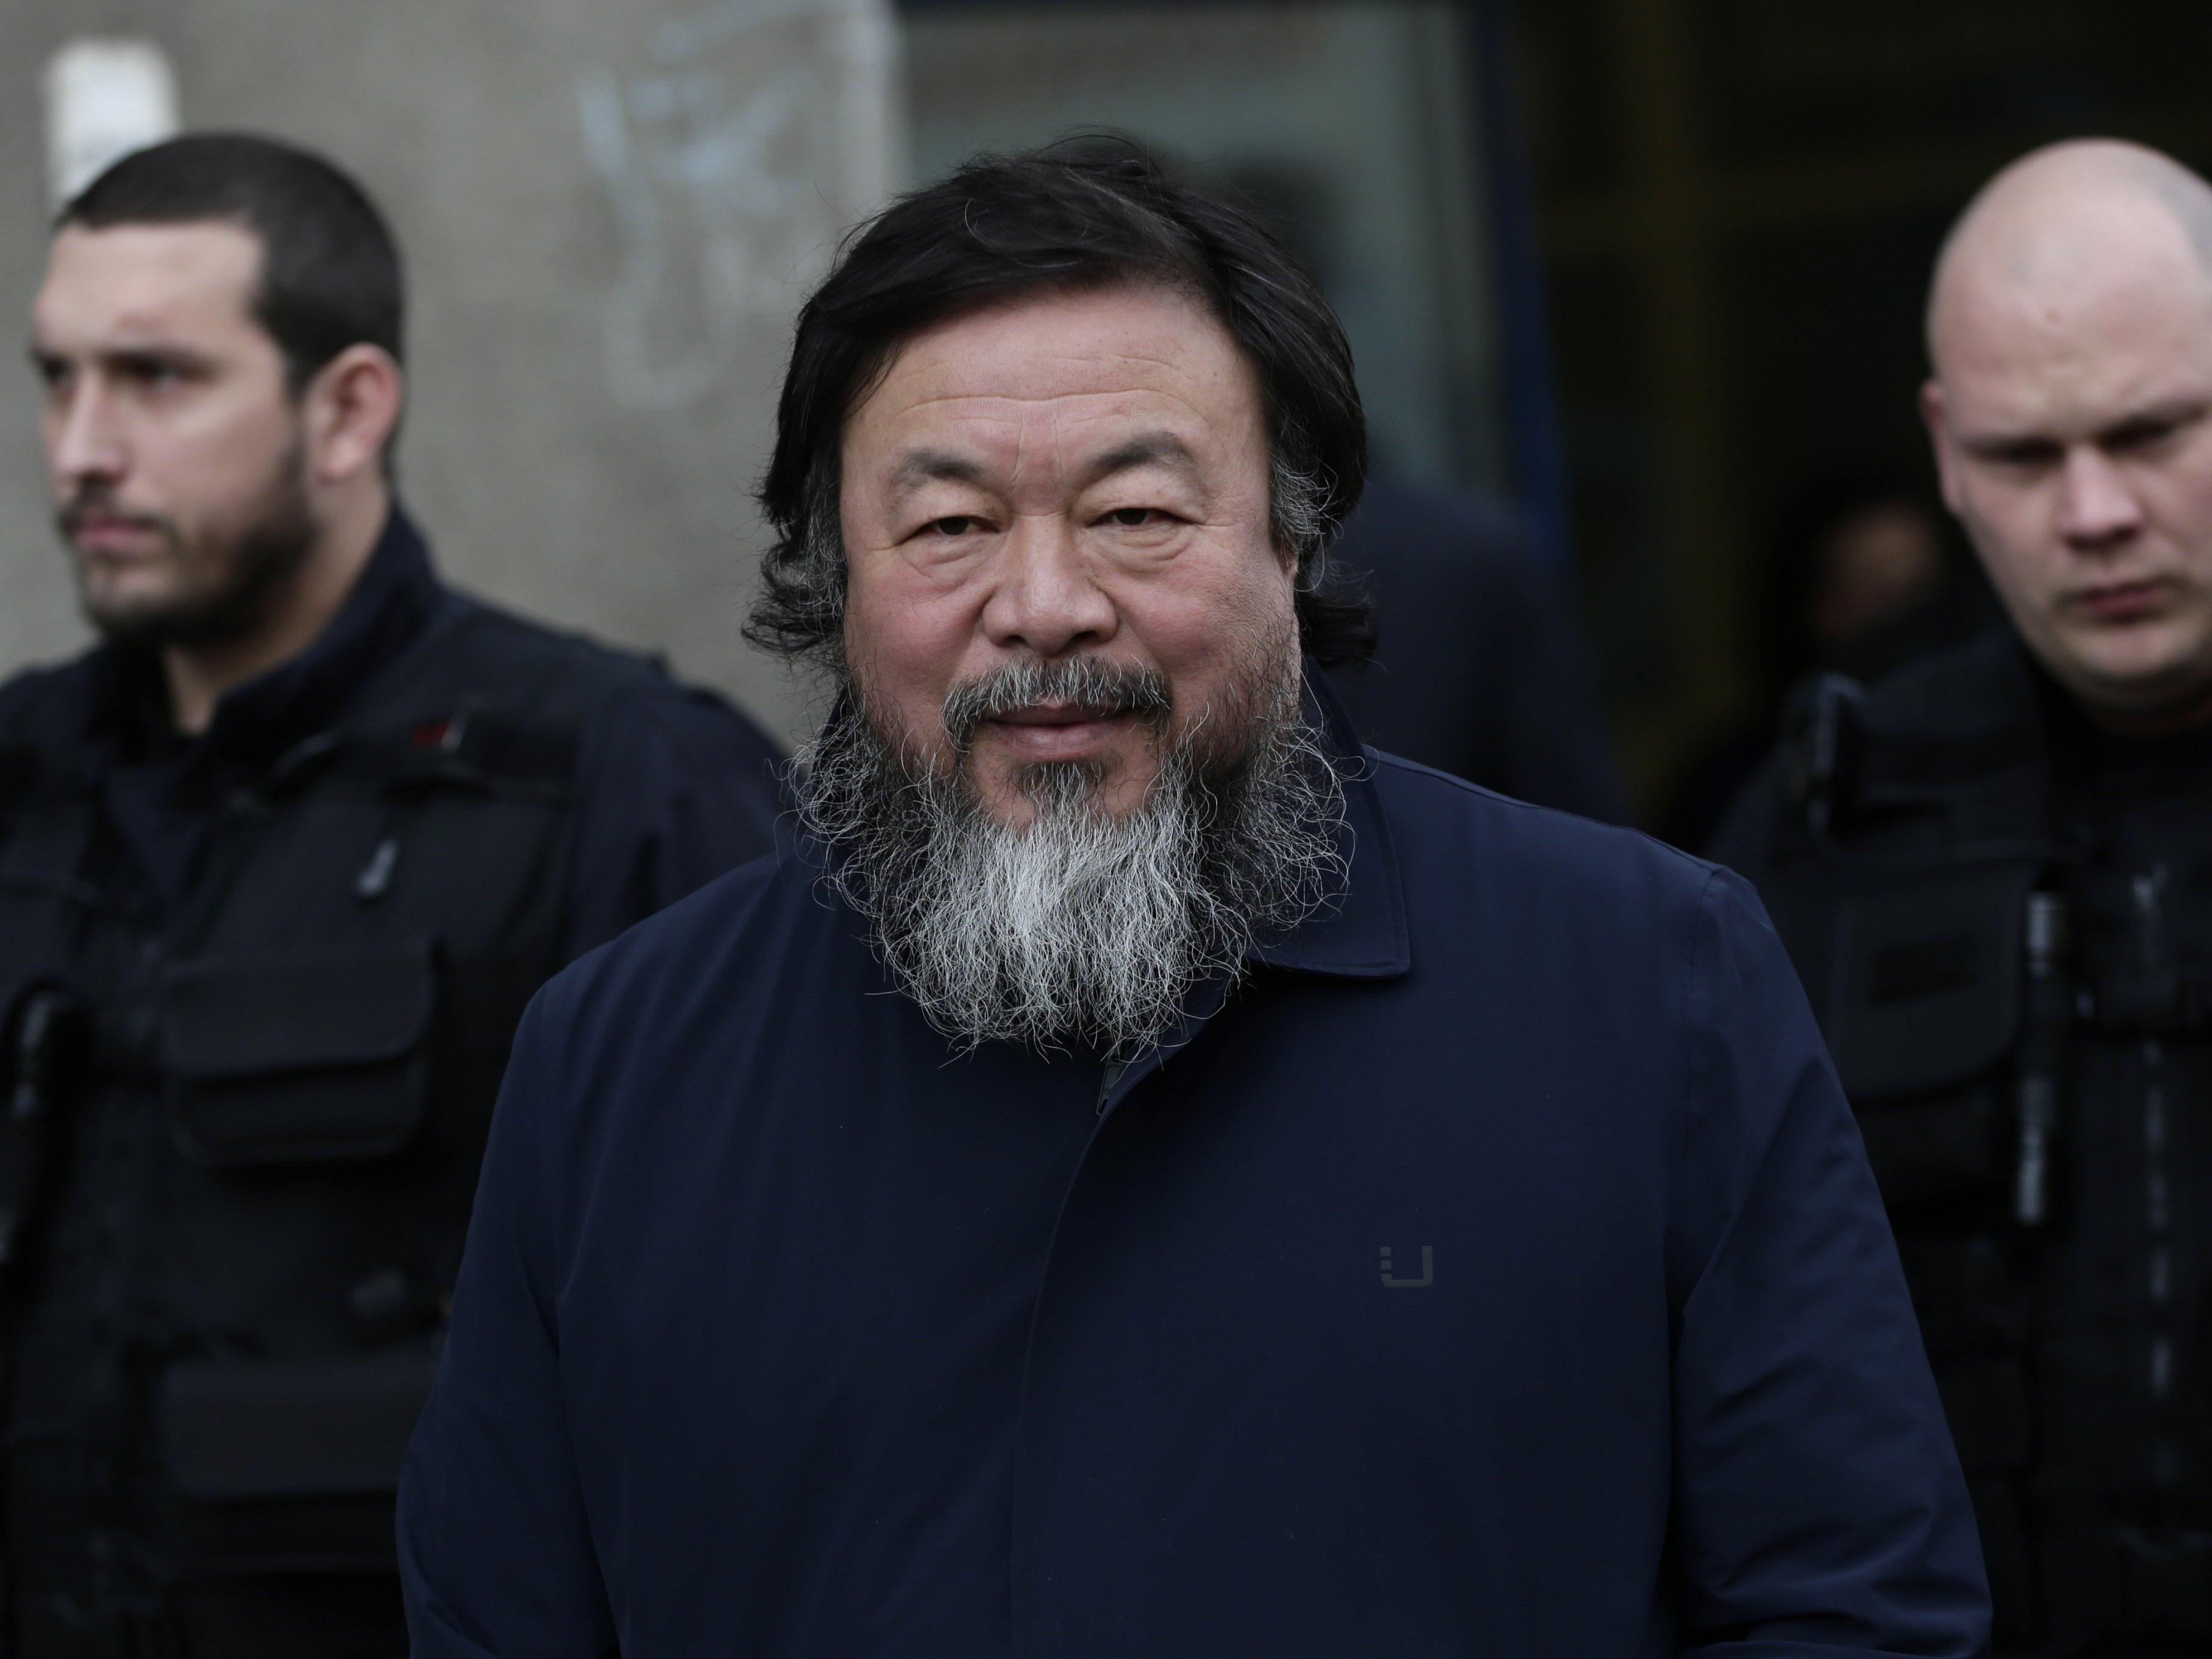 VOL.AT zeigt die Pressekonferenz des Künstlers zur Ausstellungseröffnung im 21er Haus in Wien und einen Teil der Führung mit Ai Wei Wei im Live-Stream.